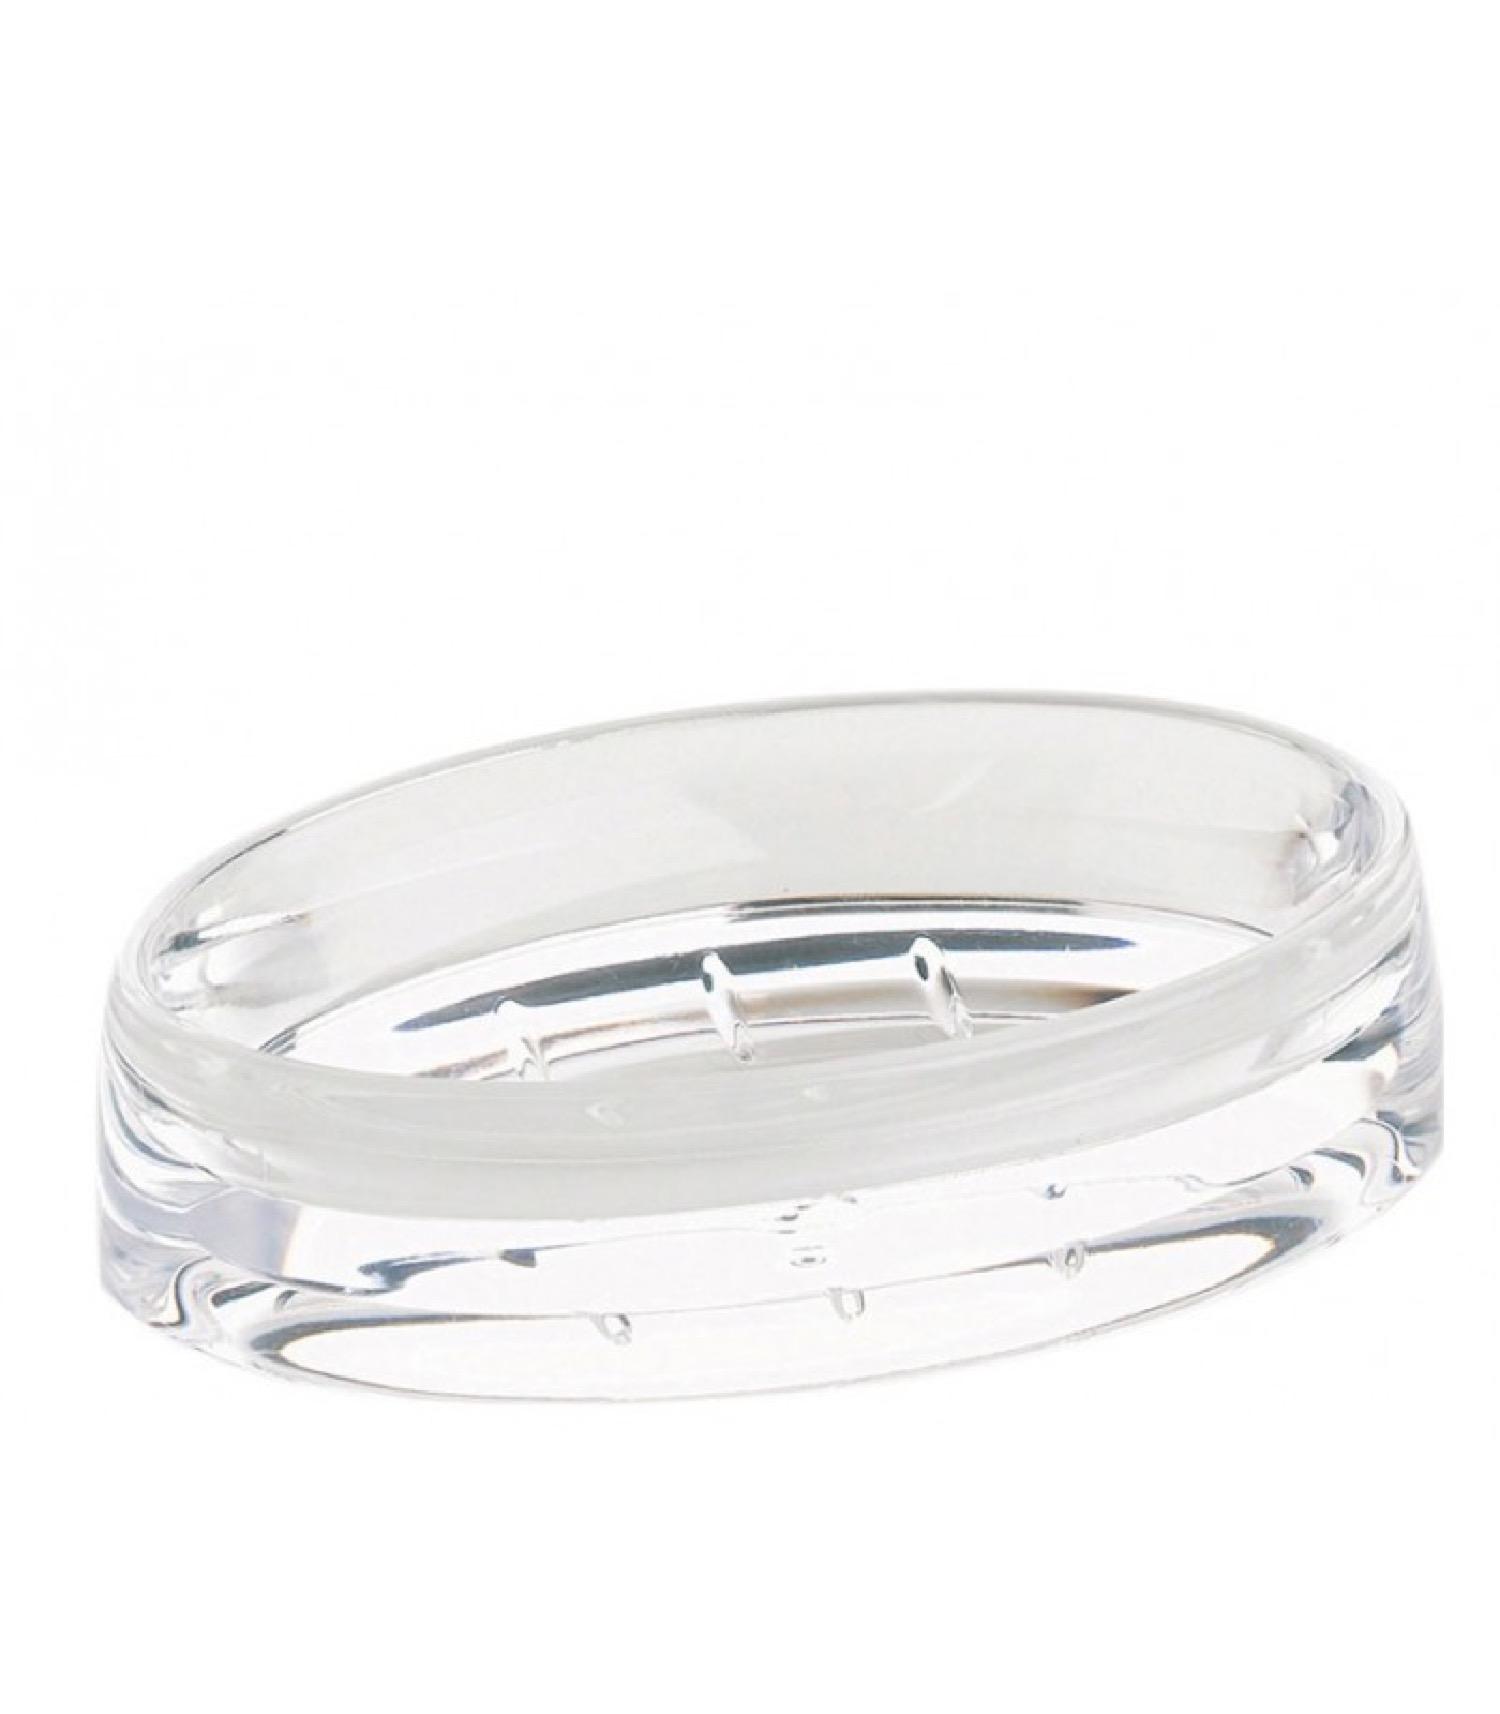 Porte savon en acrylique transparent